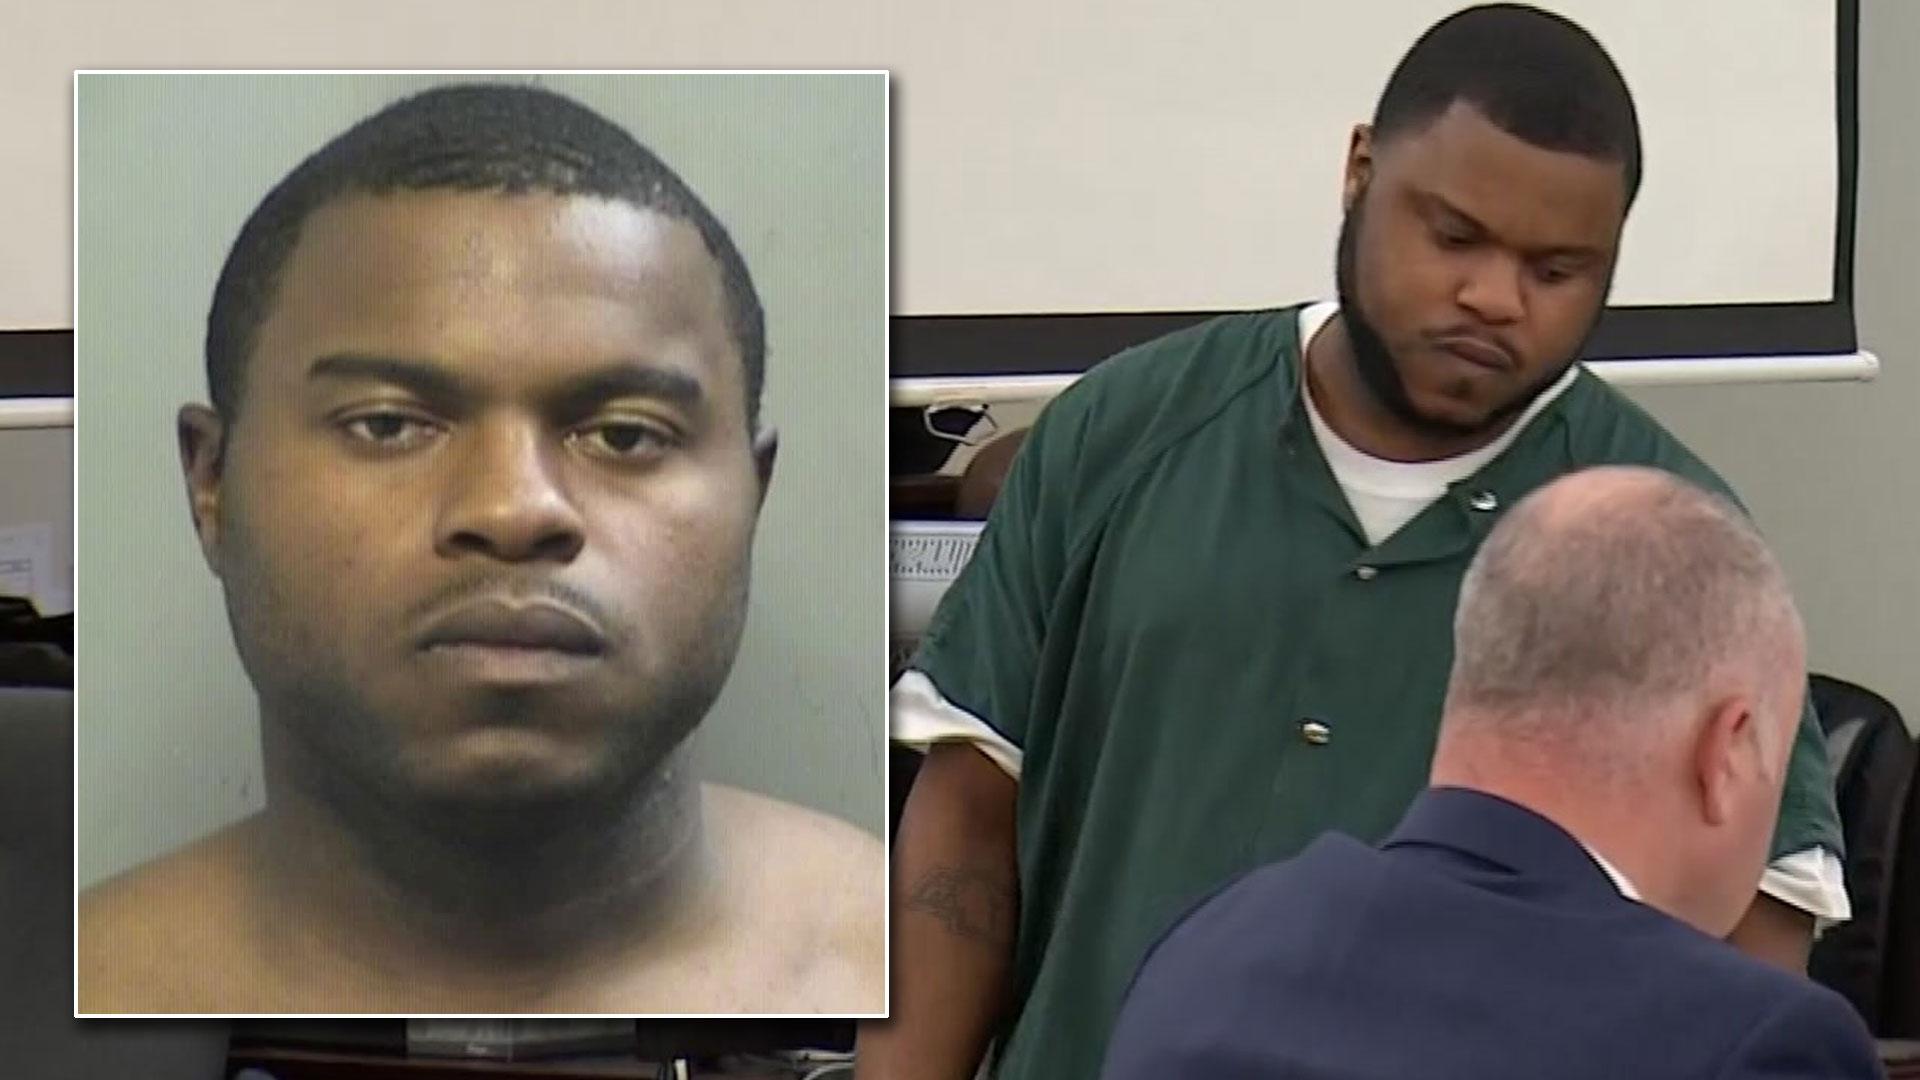 Ex-Soldier Sentenced in Good Samaritan Murder